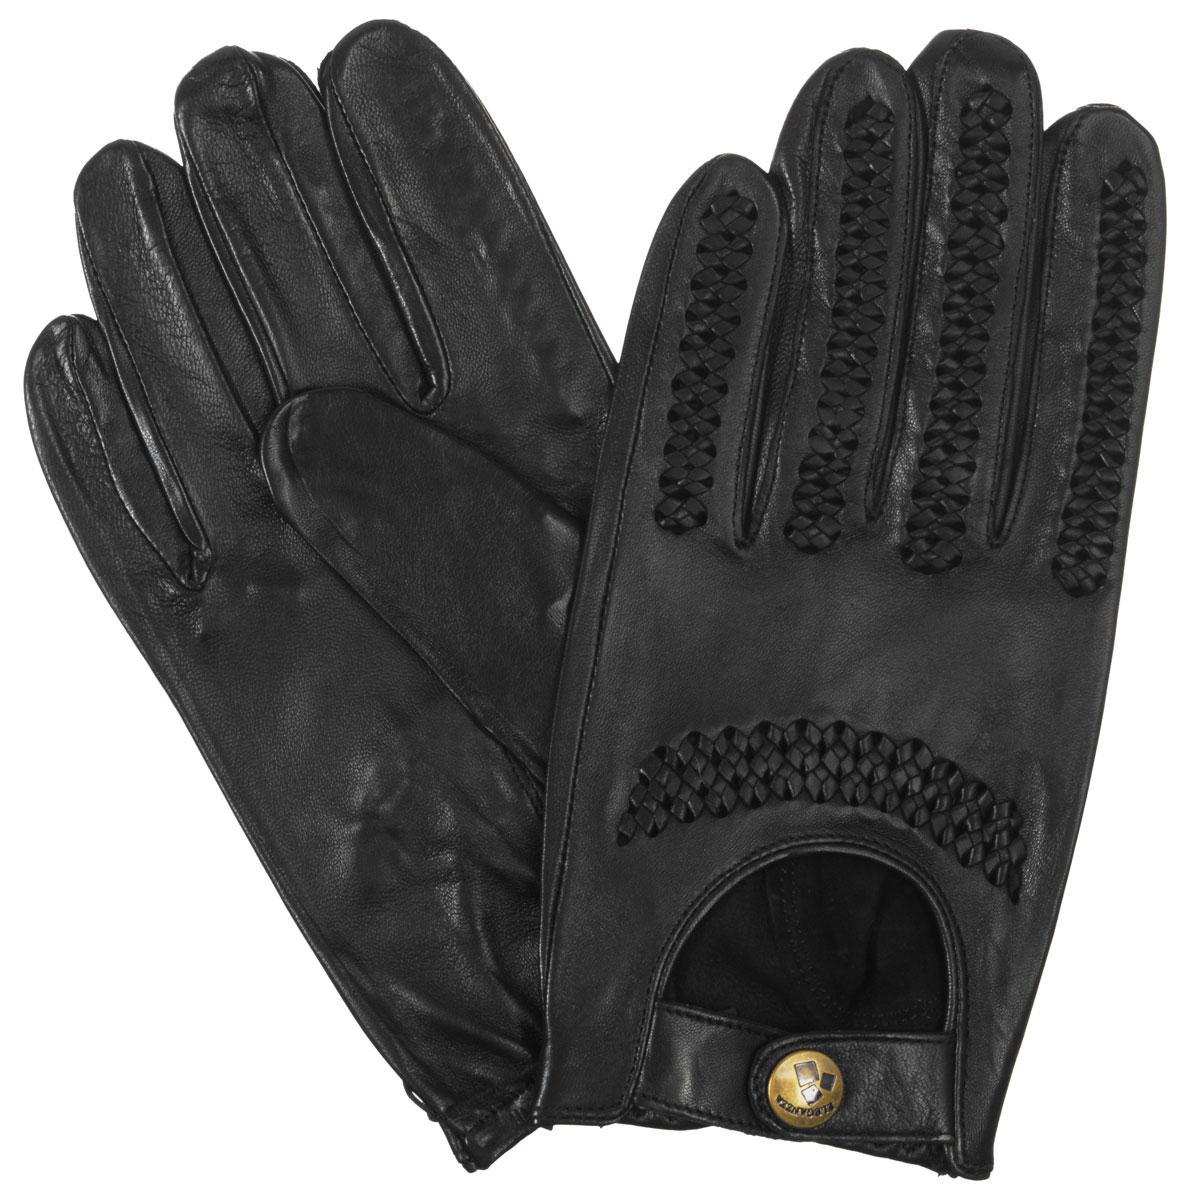 Перчатки мужские. HP080HP080Потрясающие мужские перчатки Eleganzza выполнены из чрезвычайно мягкой и приятной на ощупь кожи. Модель оформлена перфорацией. Лицевая сторона дополнена декоративными ремешками на застежке-кнопке. На ладонной стороне по низу манжеты - резинка. В настоящее время перчатки являются неотъемлемой принадлежностью одежды. Они станут завершающим и подчеркивающим элементом вашего стиля и неповторимости.